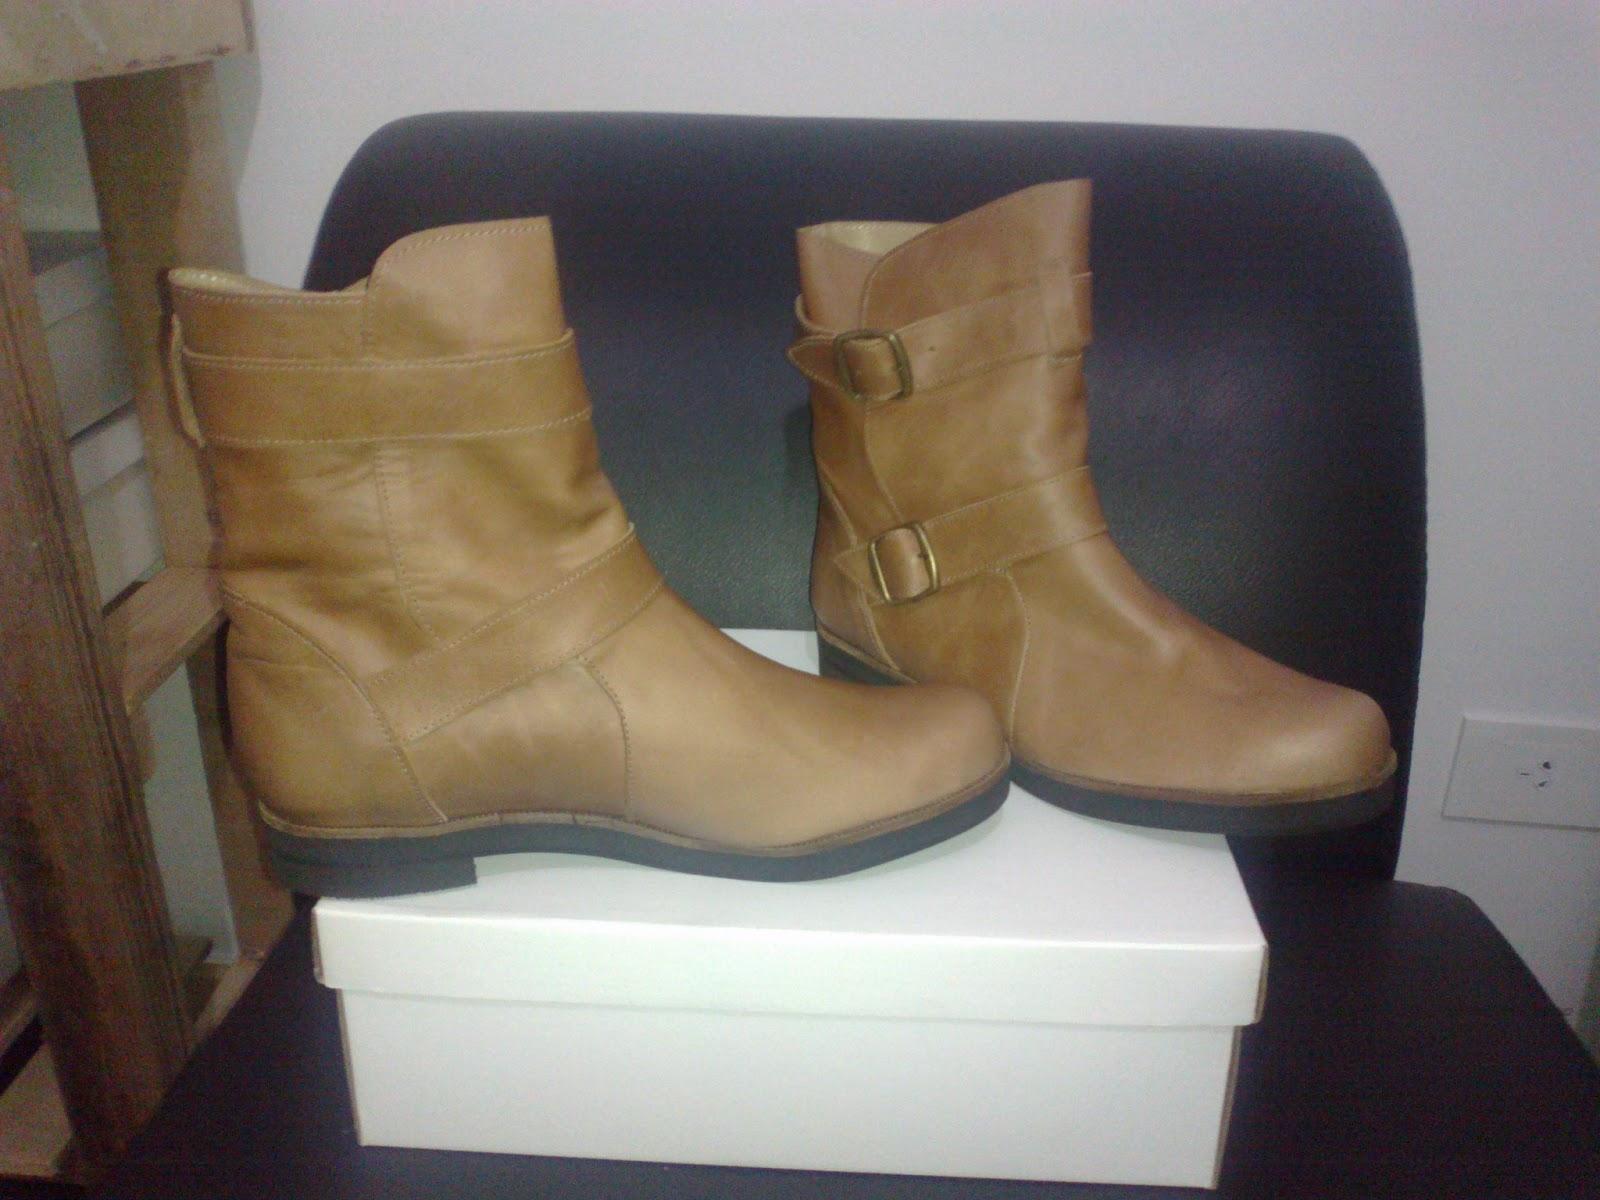 fotos de zapatos para dama - Zapato para Dama Joyce-Liverpool es parte de MI vida